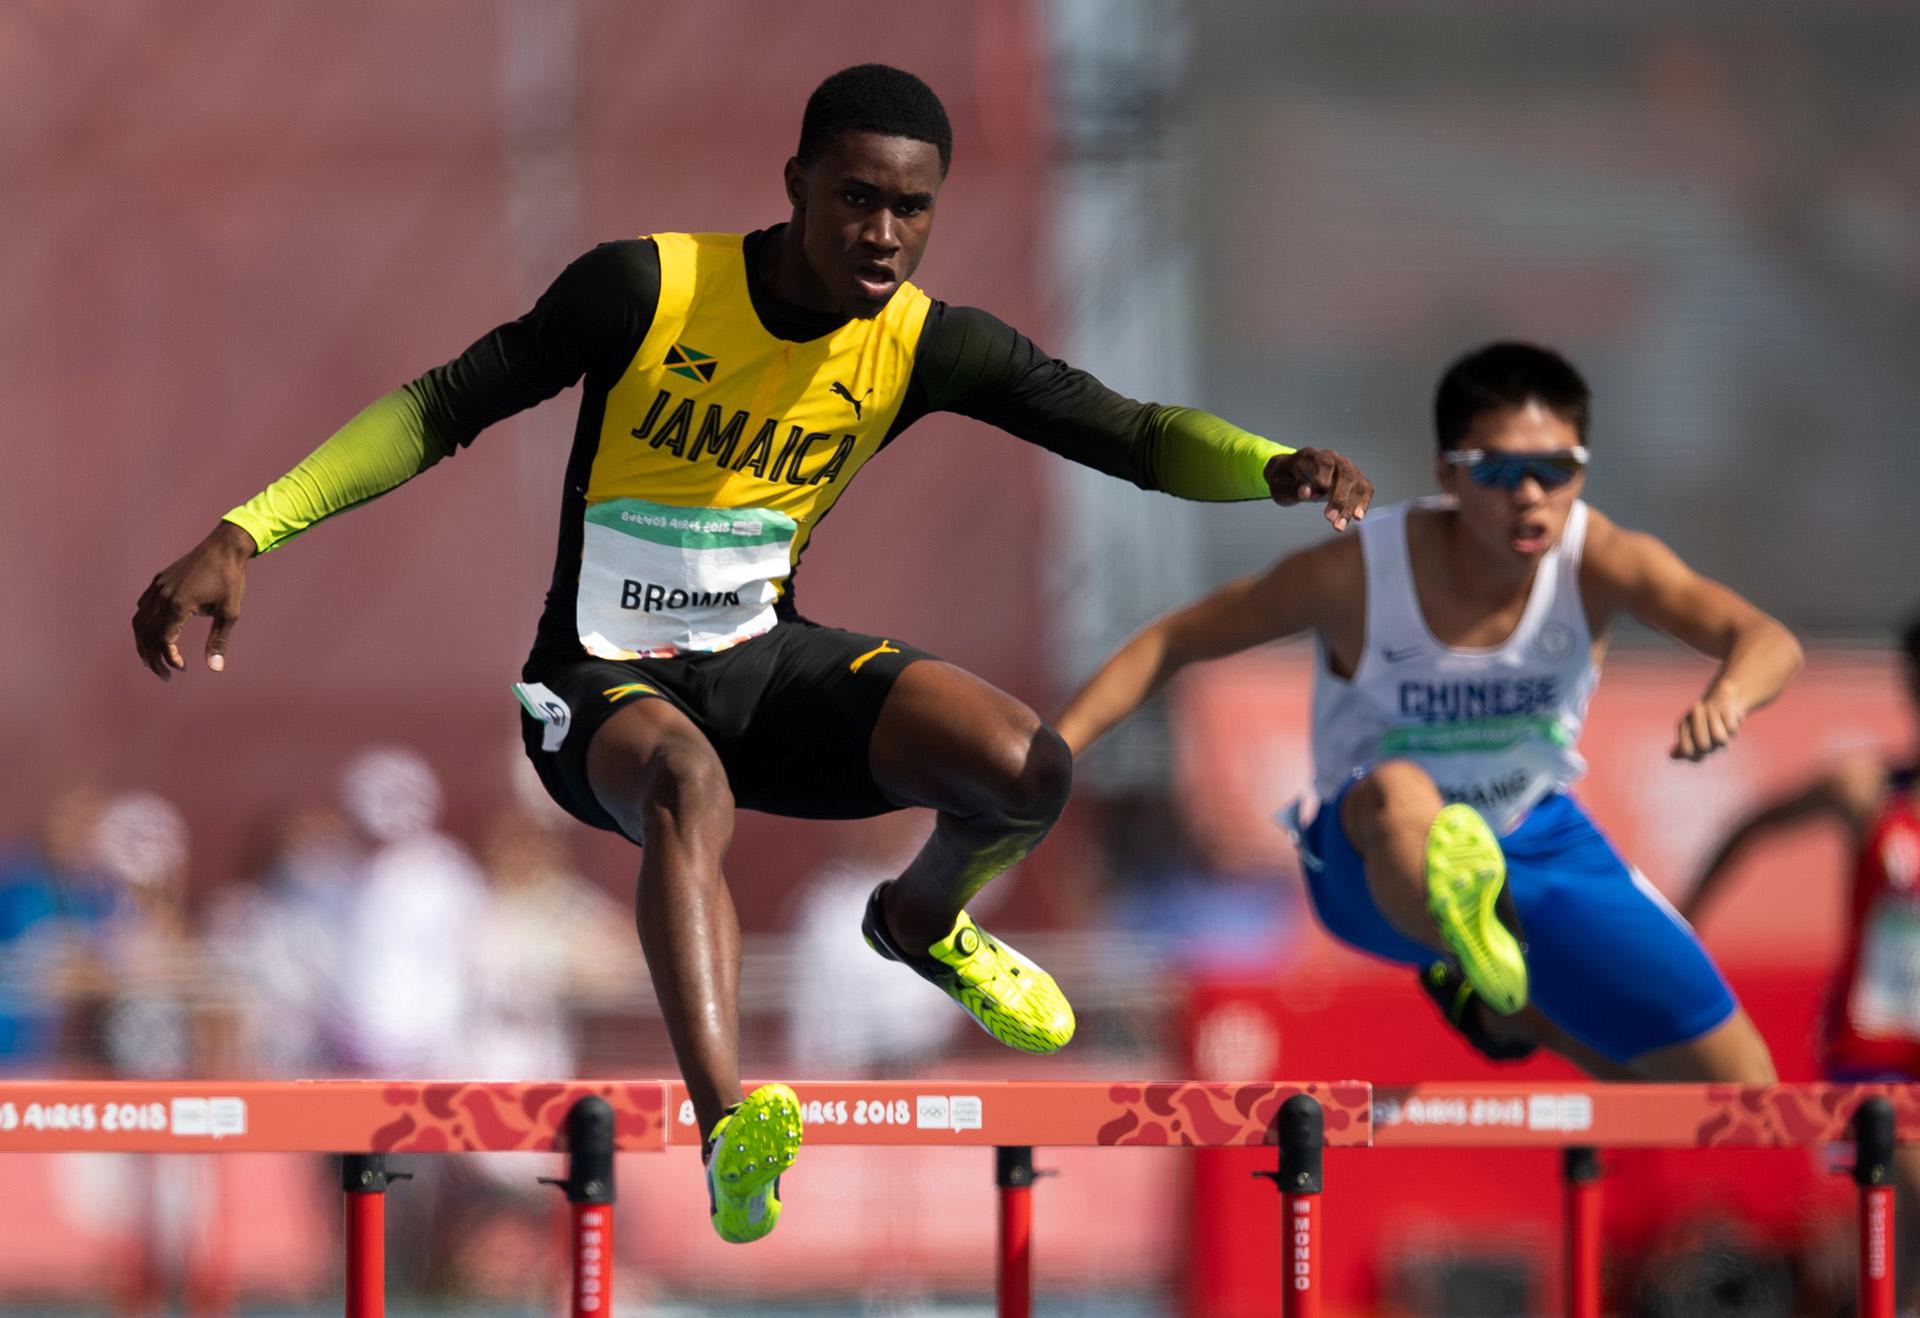 Shanthamoi Brownde Jamaica completó los 400 metros con vallas en el Parque Olímpico (Foto: REUTERS)